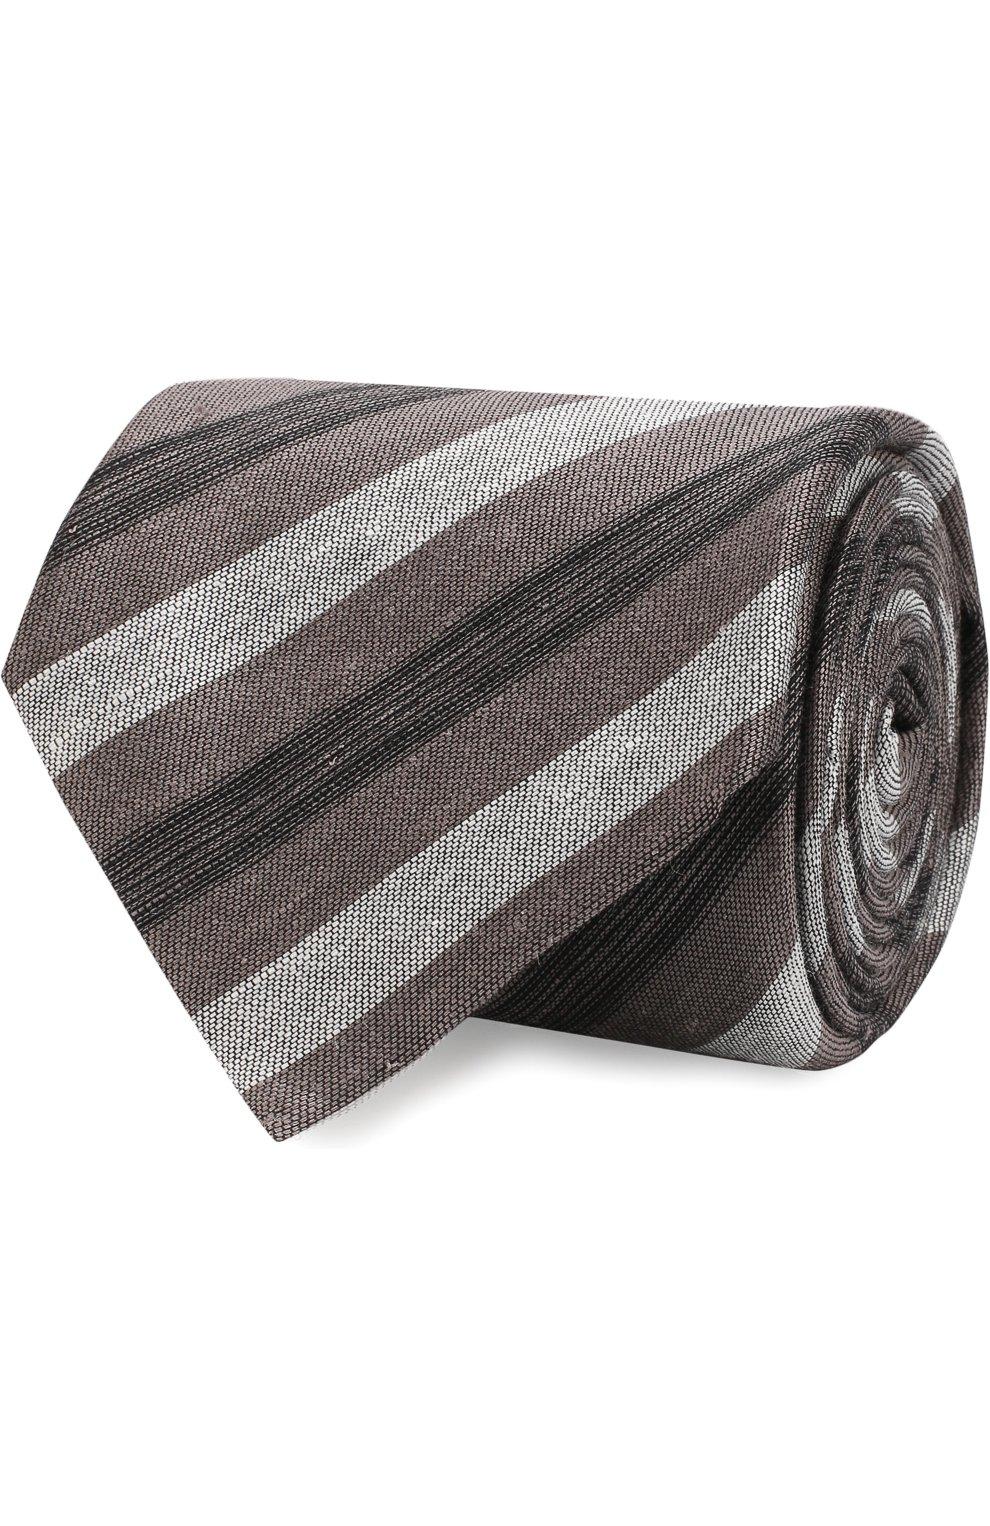 Мужской галстук из смеси льна и шелка BRIONI коричневого цвета, арт. 063I00/P7461 | Фото 1